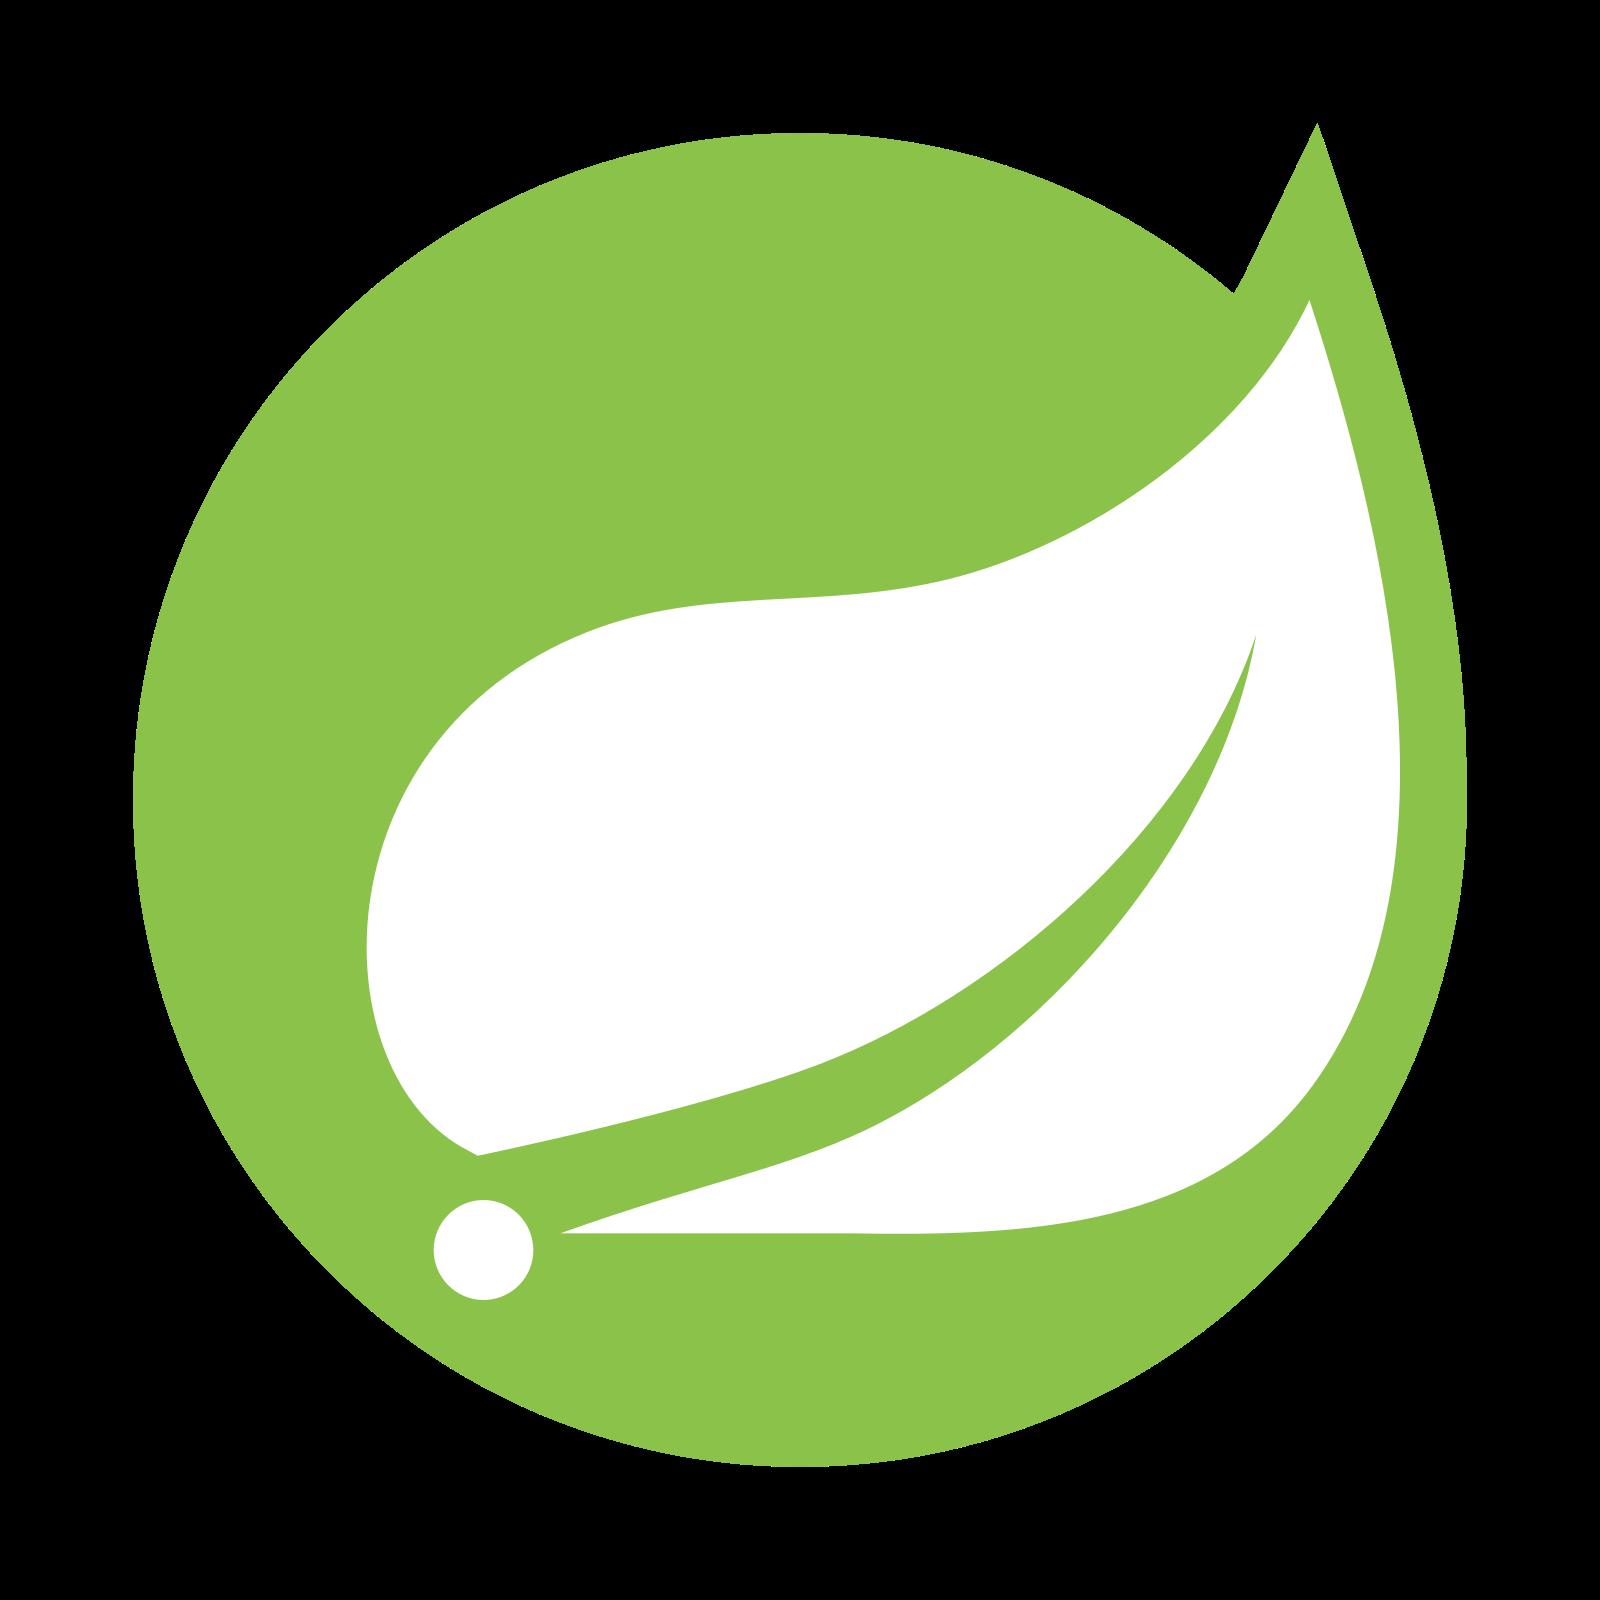 Spring Logo icon